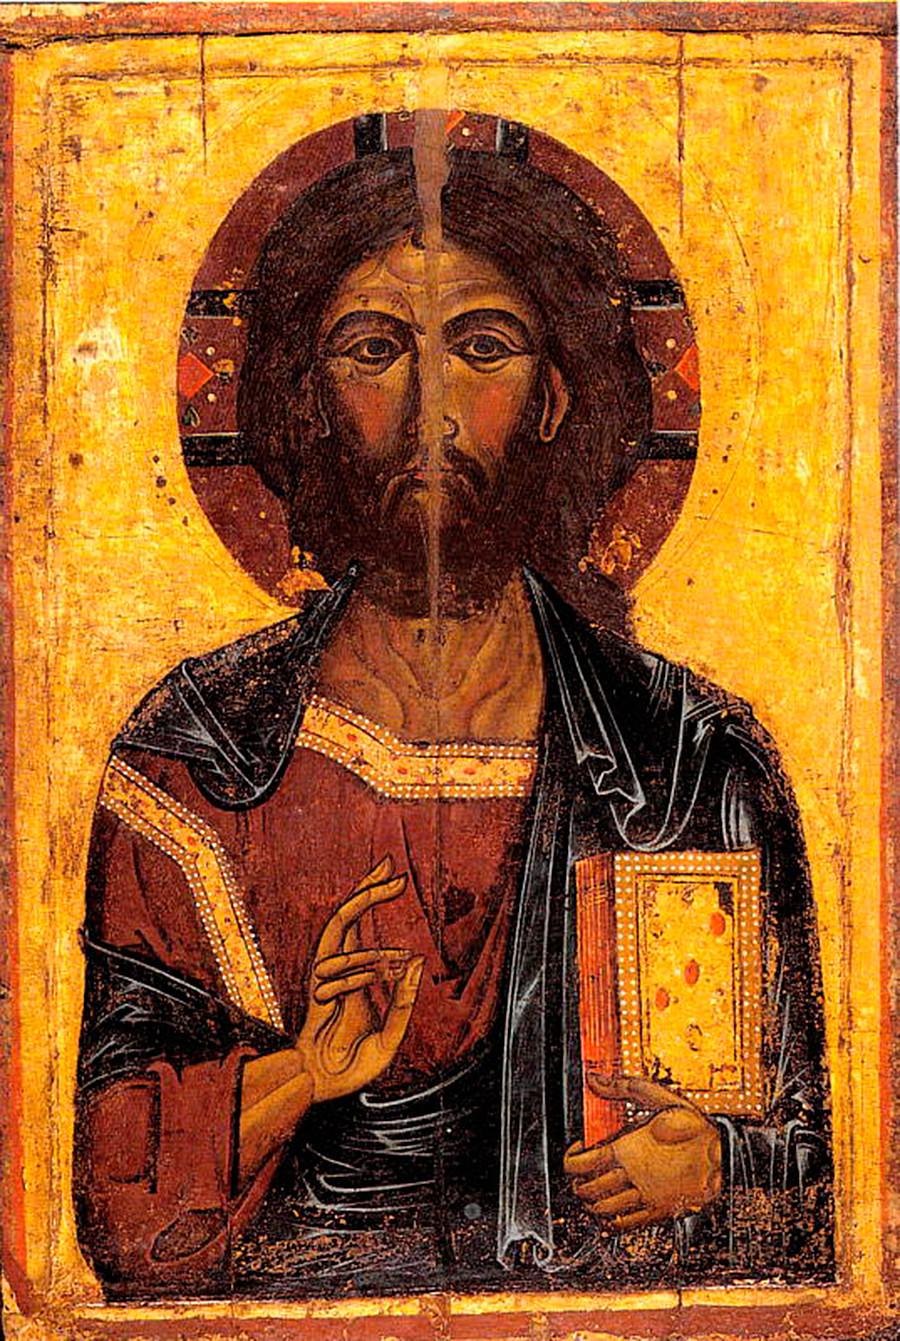 Das älteste Objekt des Museums: eine Ikone des Christus Pantokrators aus dem 13. Jahrhundert aus Gawschinka (einem Dorf in der Nähe der Stadt Jaroslawl).